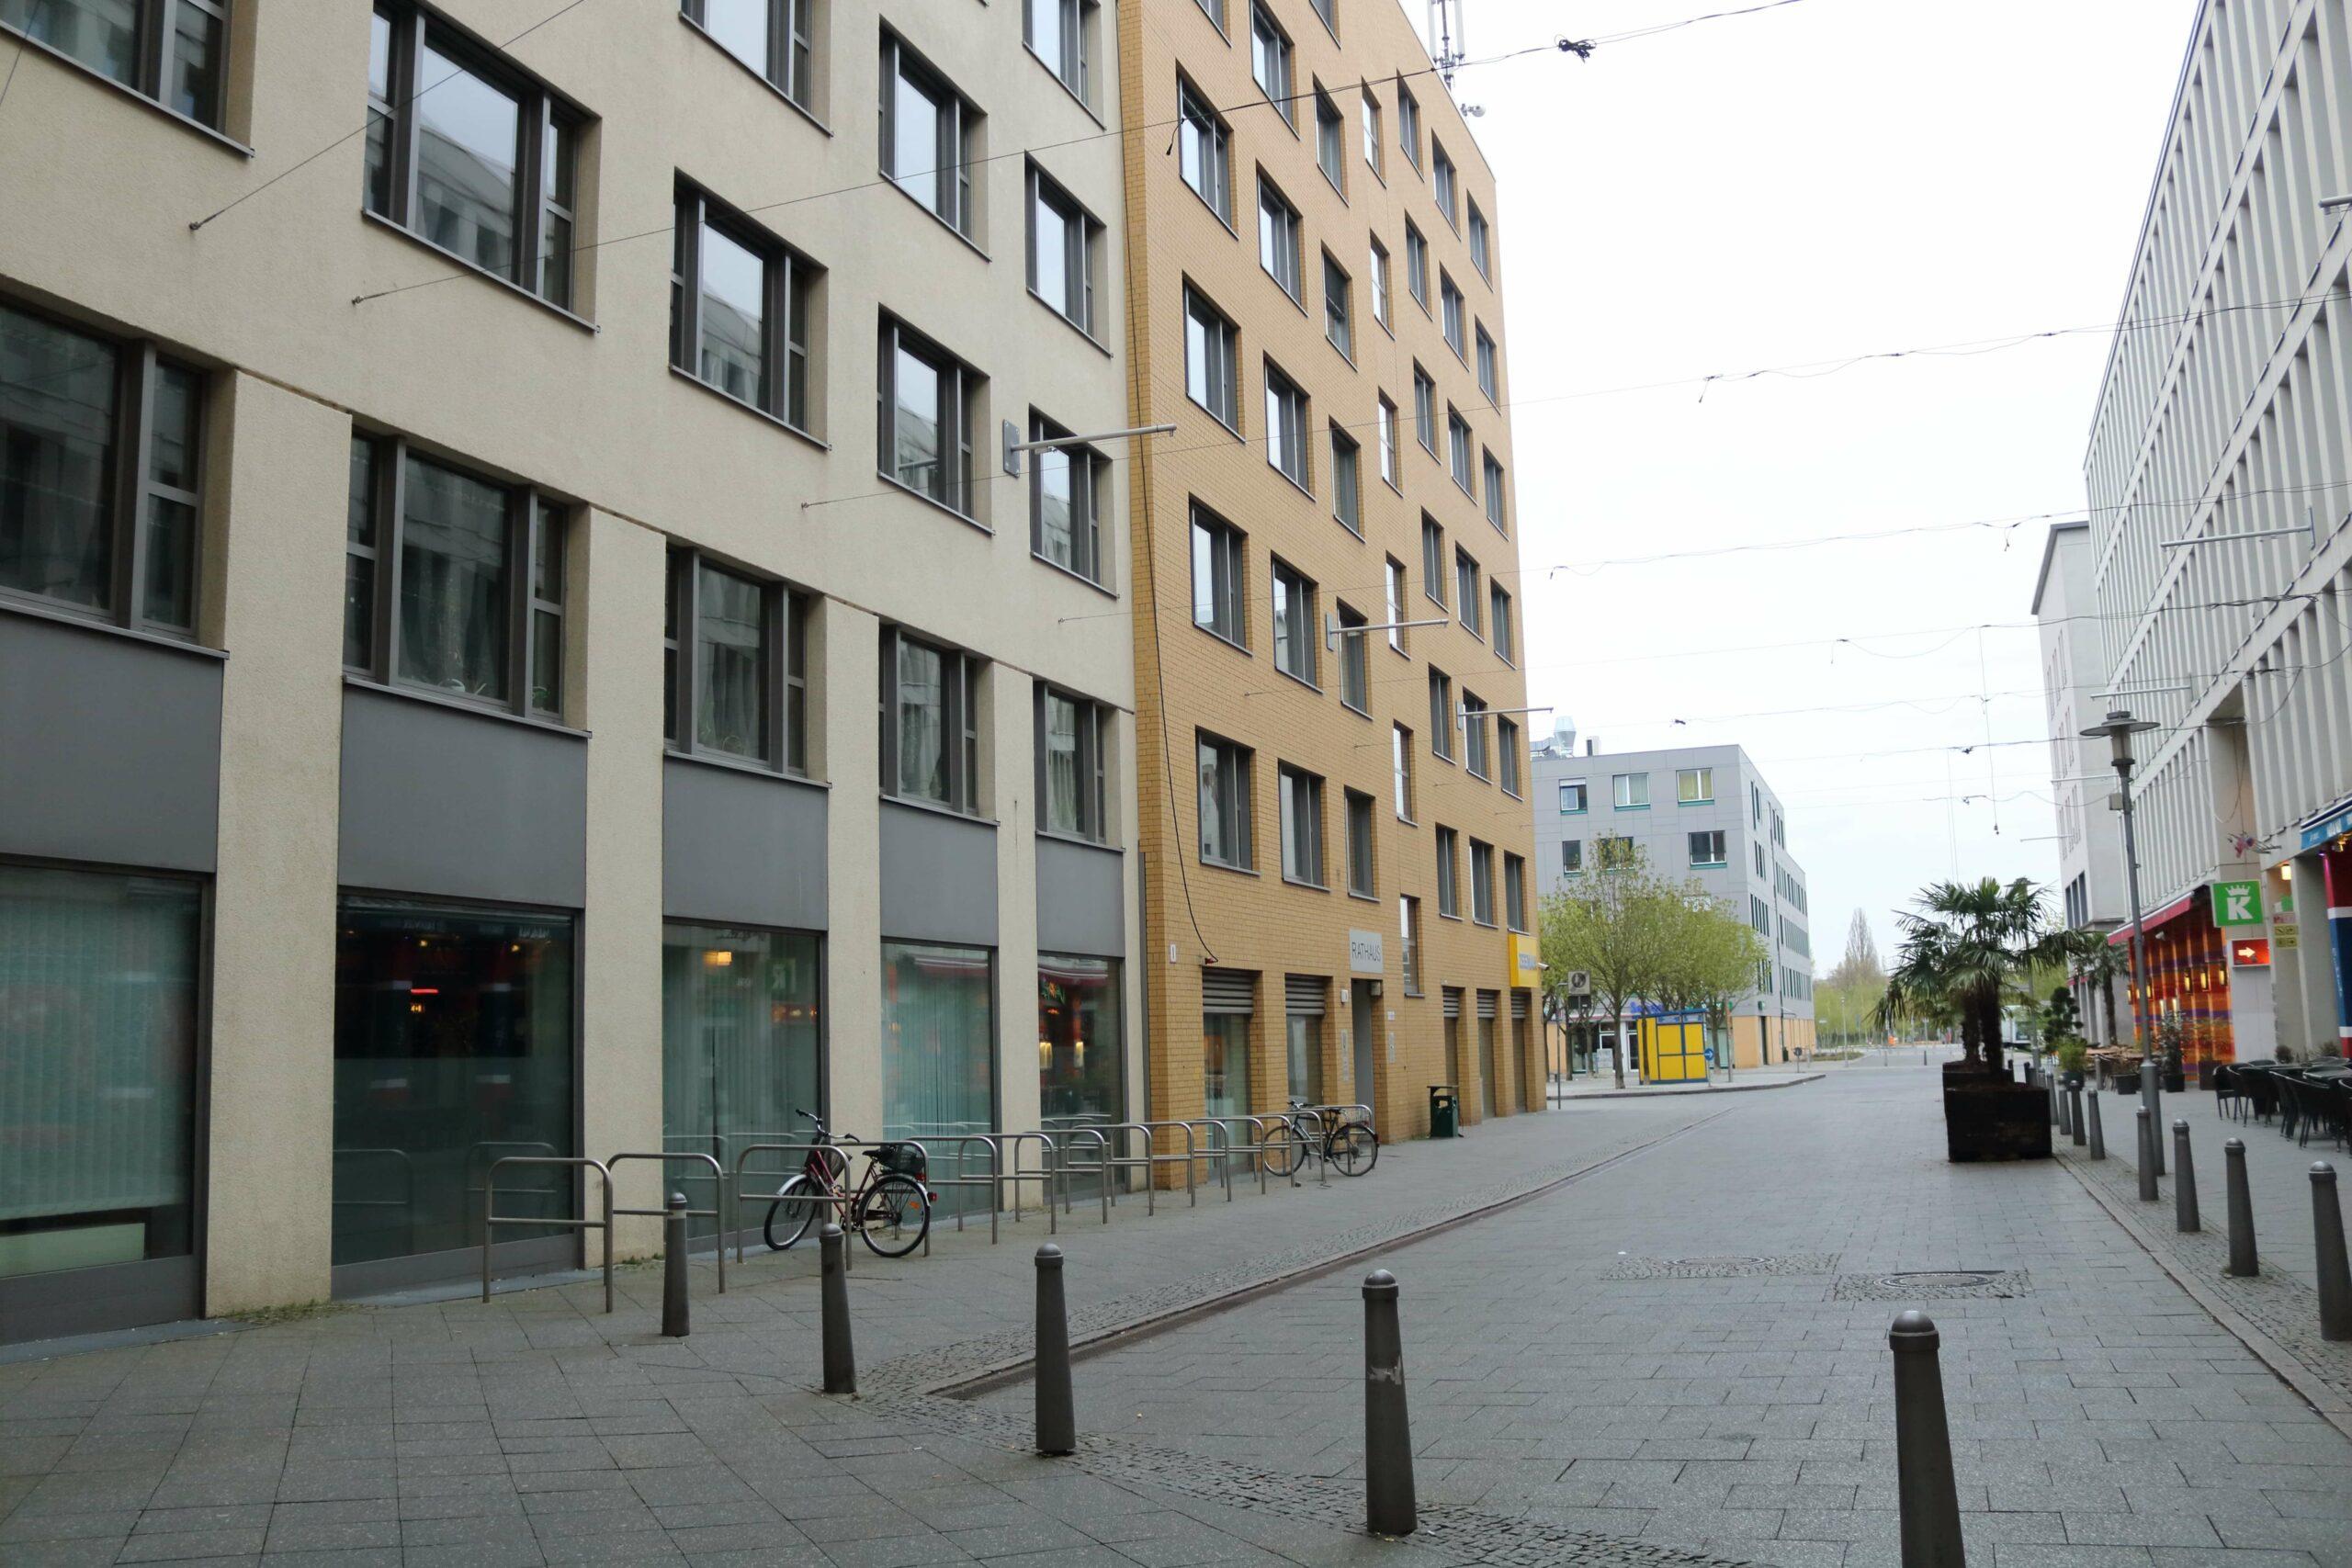 Bürgeramt Helle Mitte - Berlin